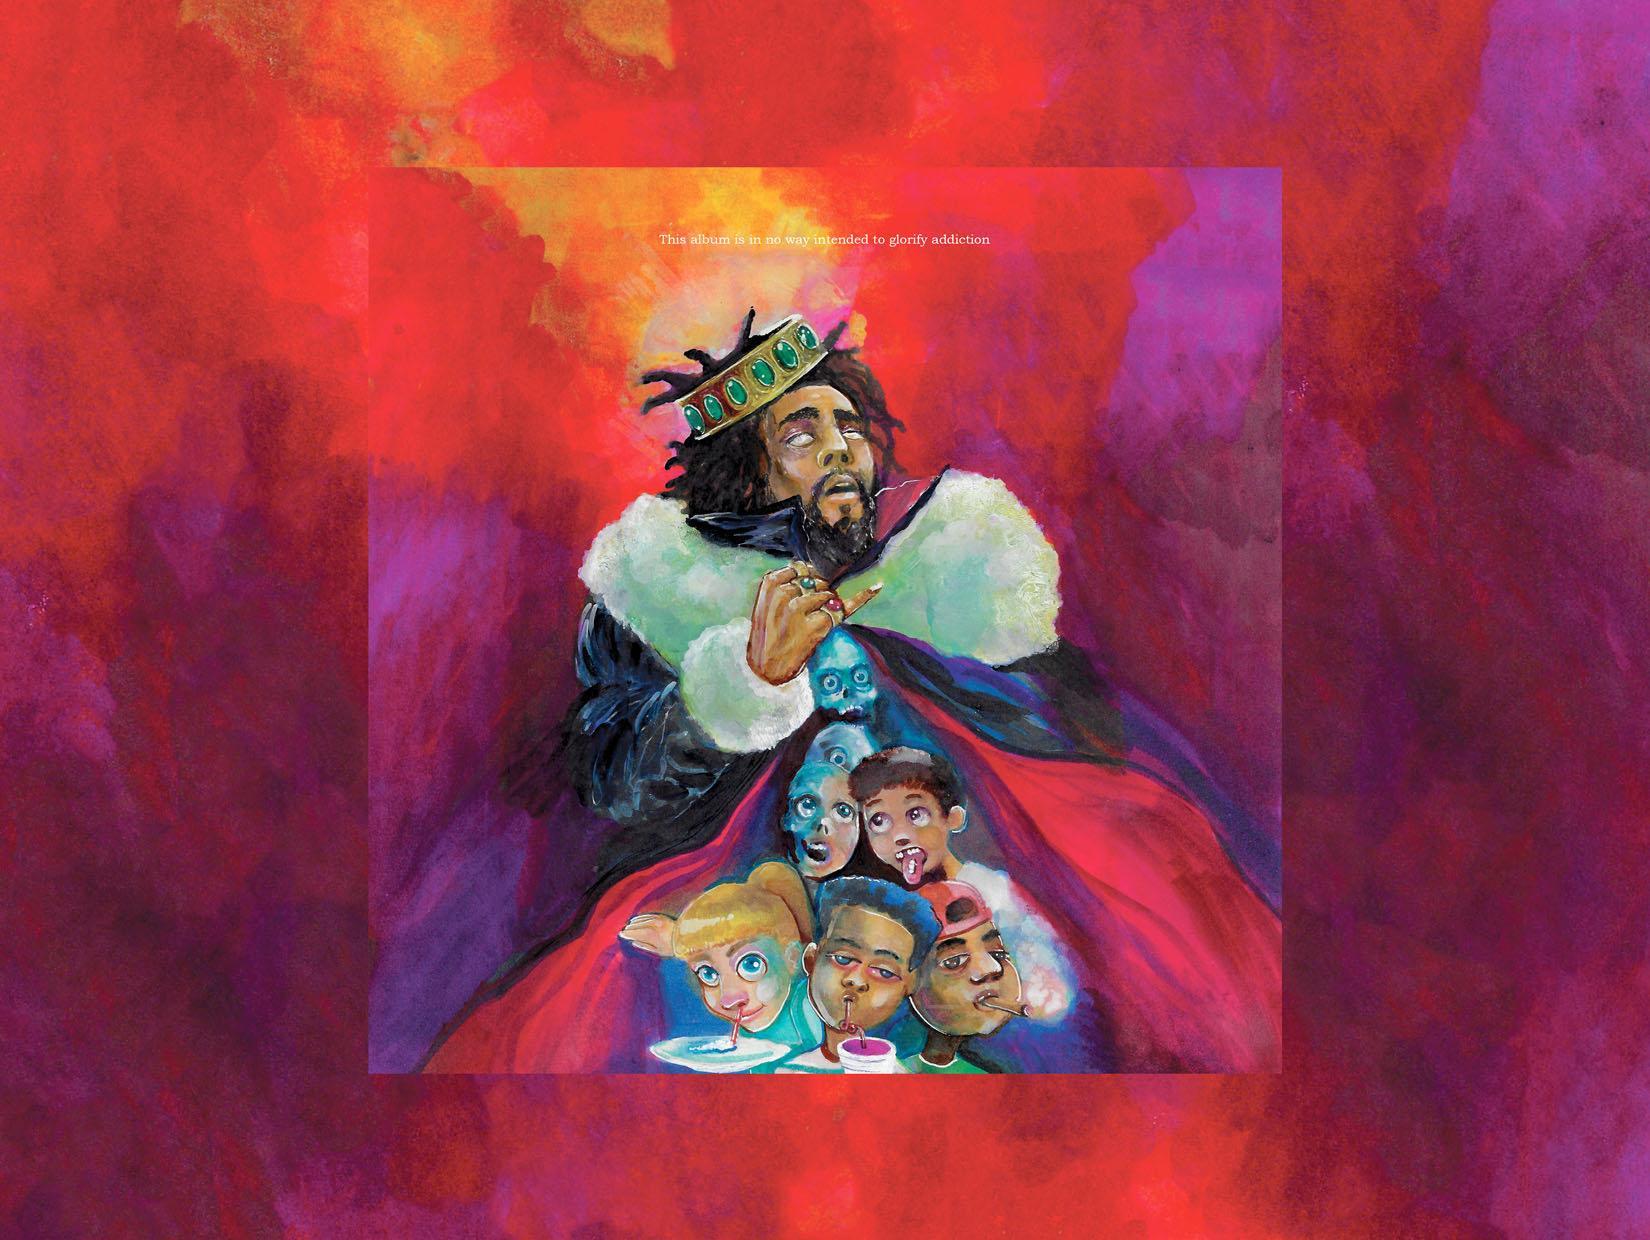 Rae Sremmurd Wallpaper Iphone J Cole Kod First Week Sales Hiphop N More